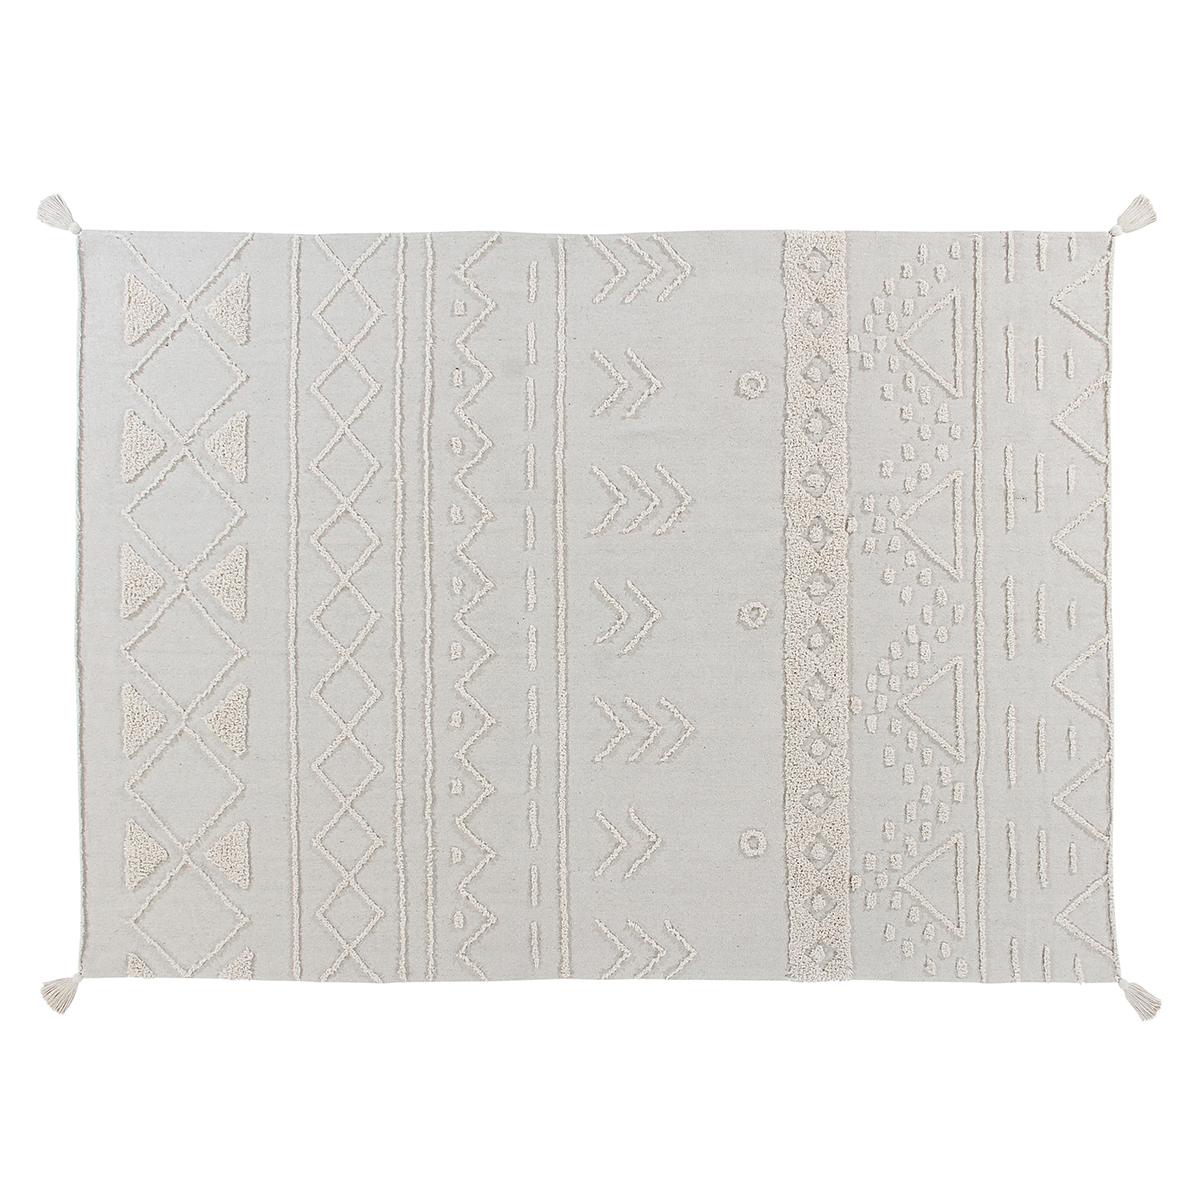 Tapis Tapis Lavable Tribu Naturel - 140 x 200 cm Tapis Lavable Tribu Naturel - 140 x 200 cm